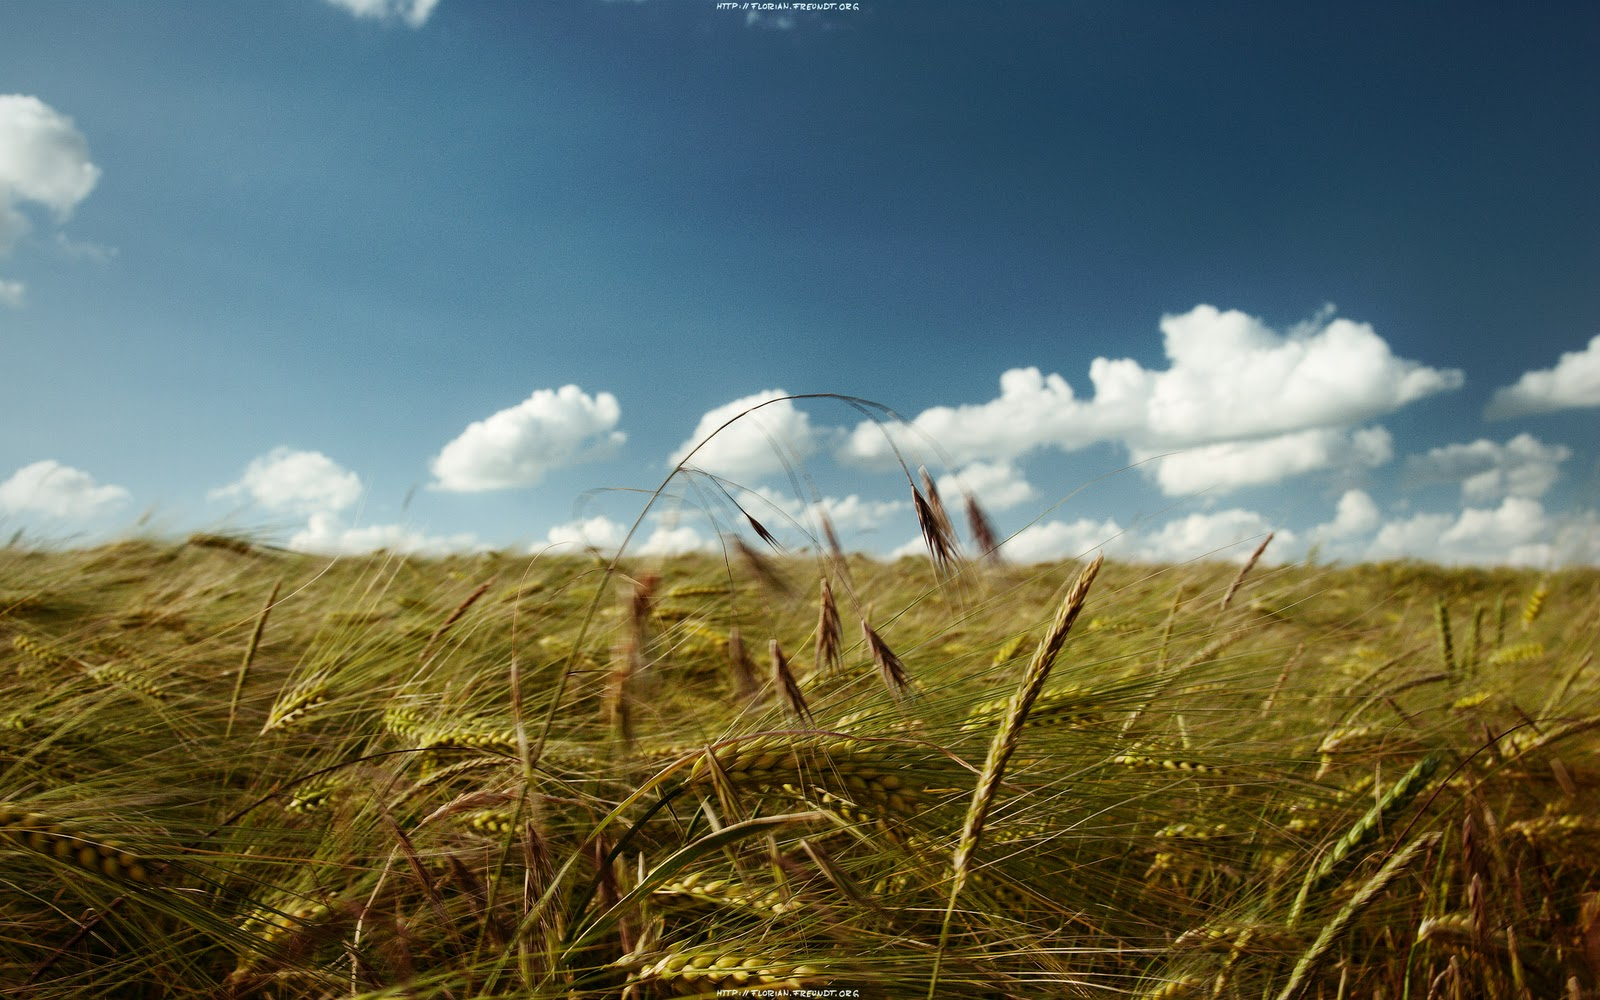 http://2.bp.blogspot.com/-kaiN1UR5cZY/Tuy-UDK5EnI/AAAAAAAAAFw/cXPRR68Dcdw/s1600/wallpaper_summers_breeze.jpg